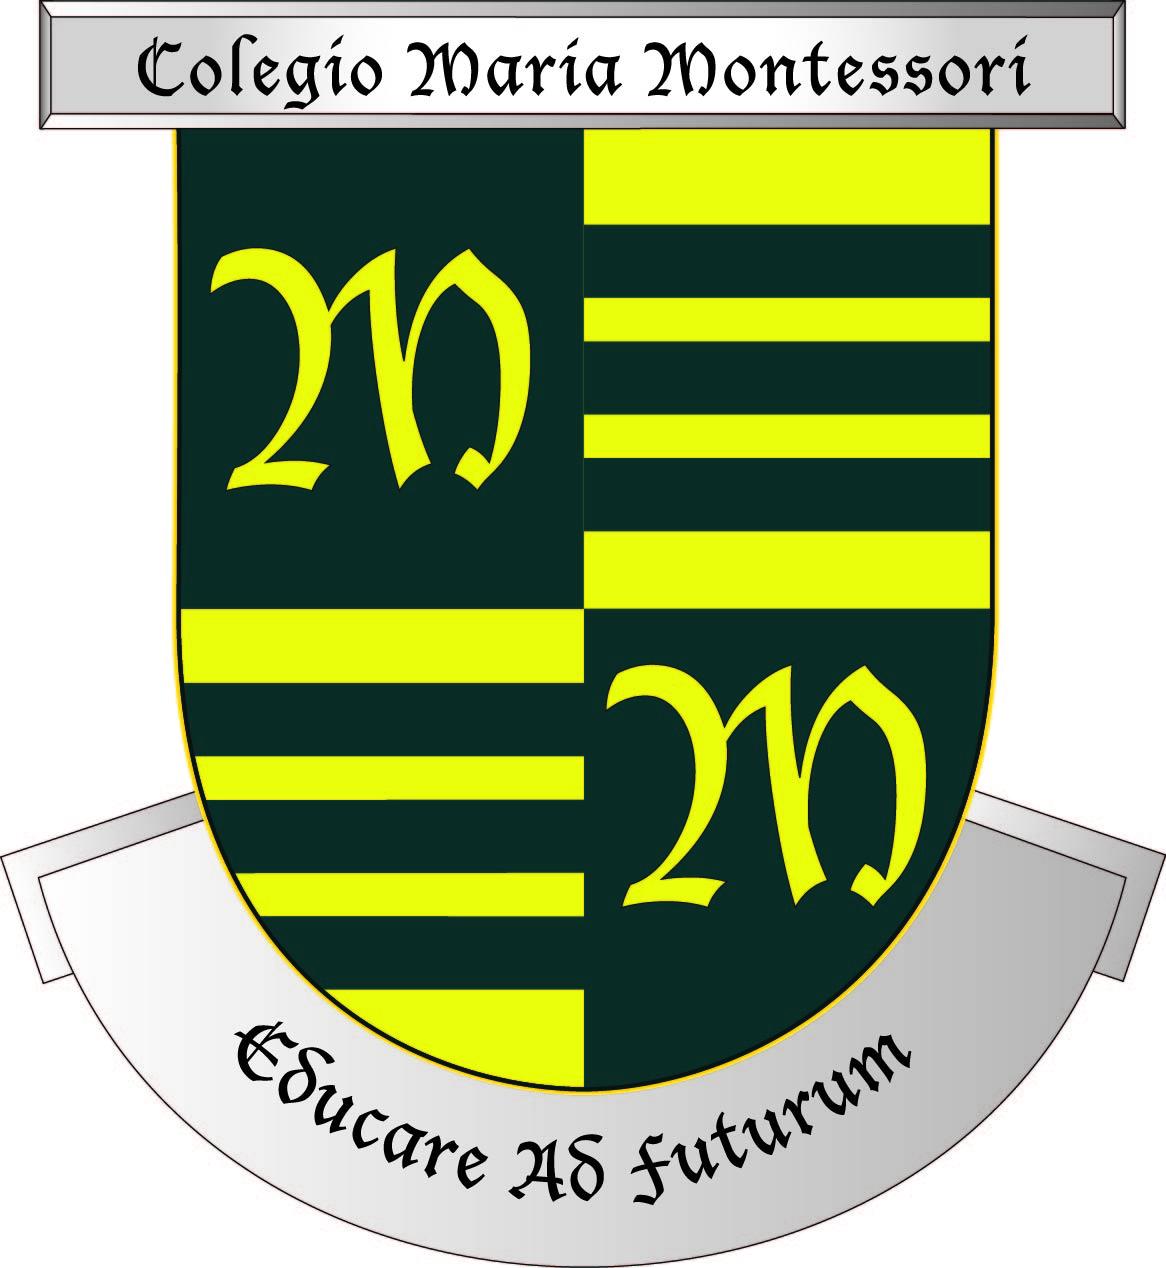 Colegio María Montessori